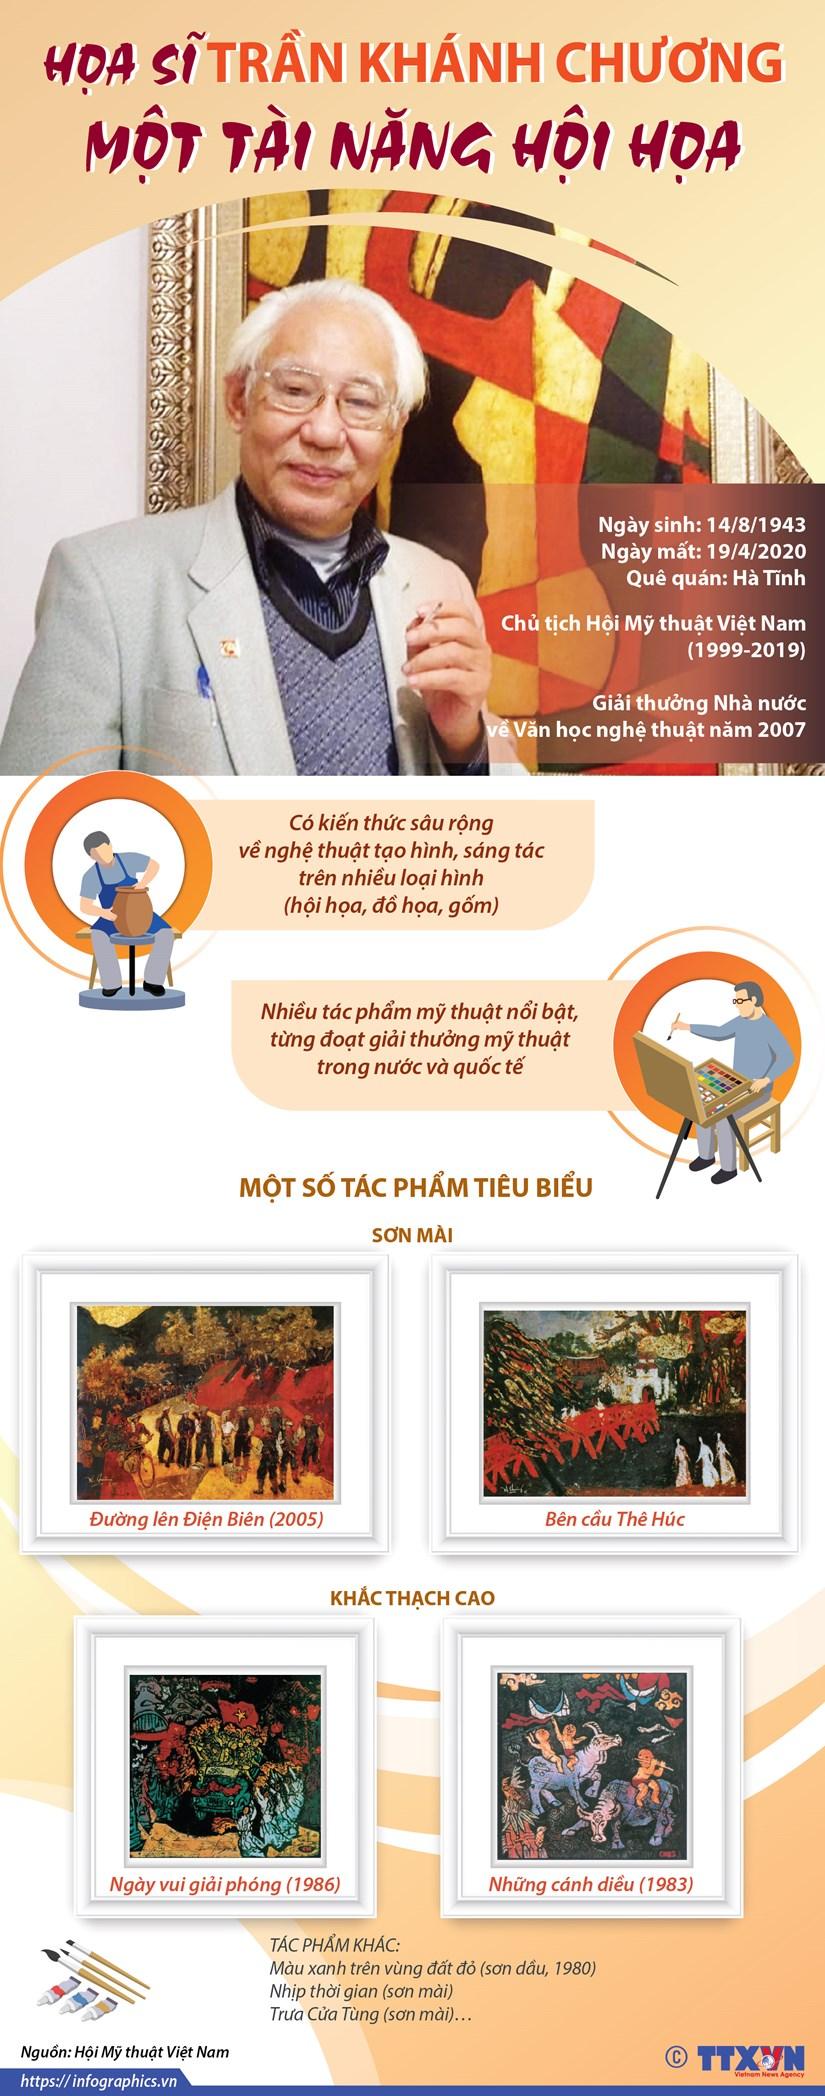 [Infographics] Hoa sy Tran Khanh Chuong: Mot tai nang hoi hoa hinh anh 1